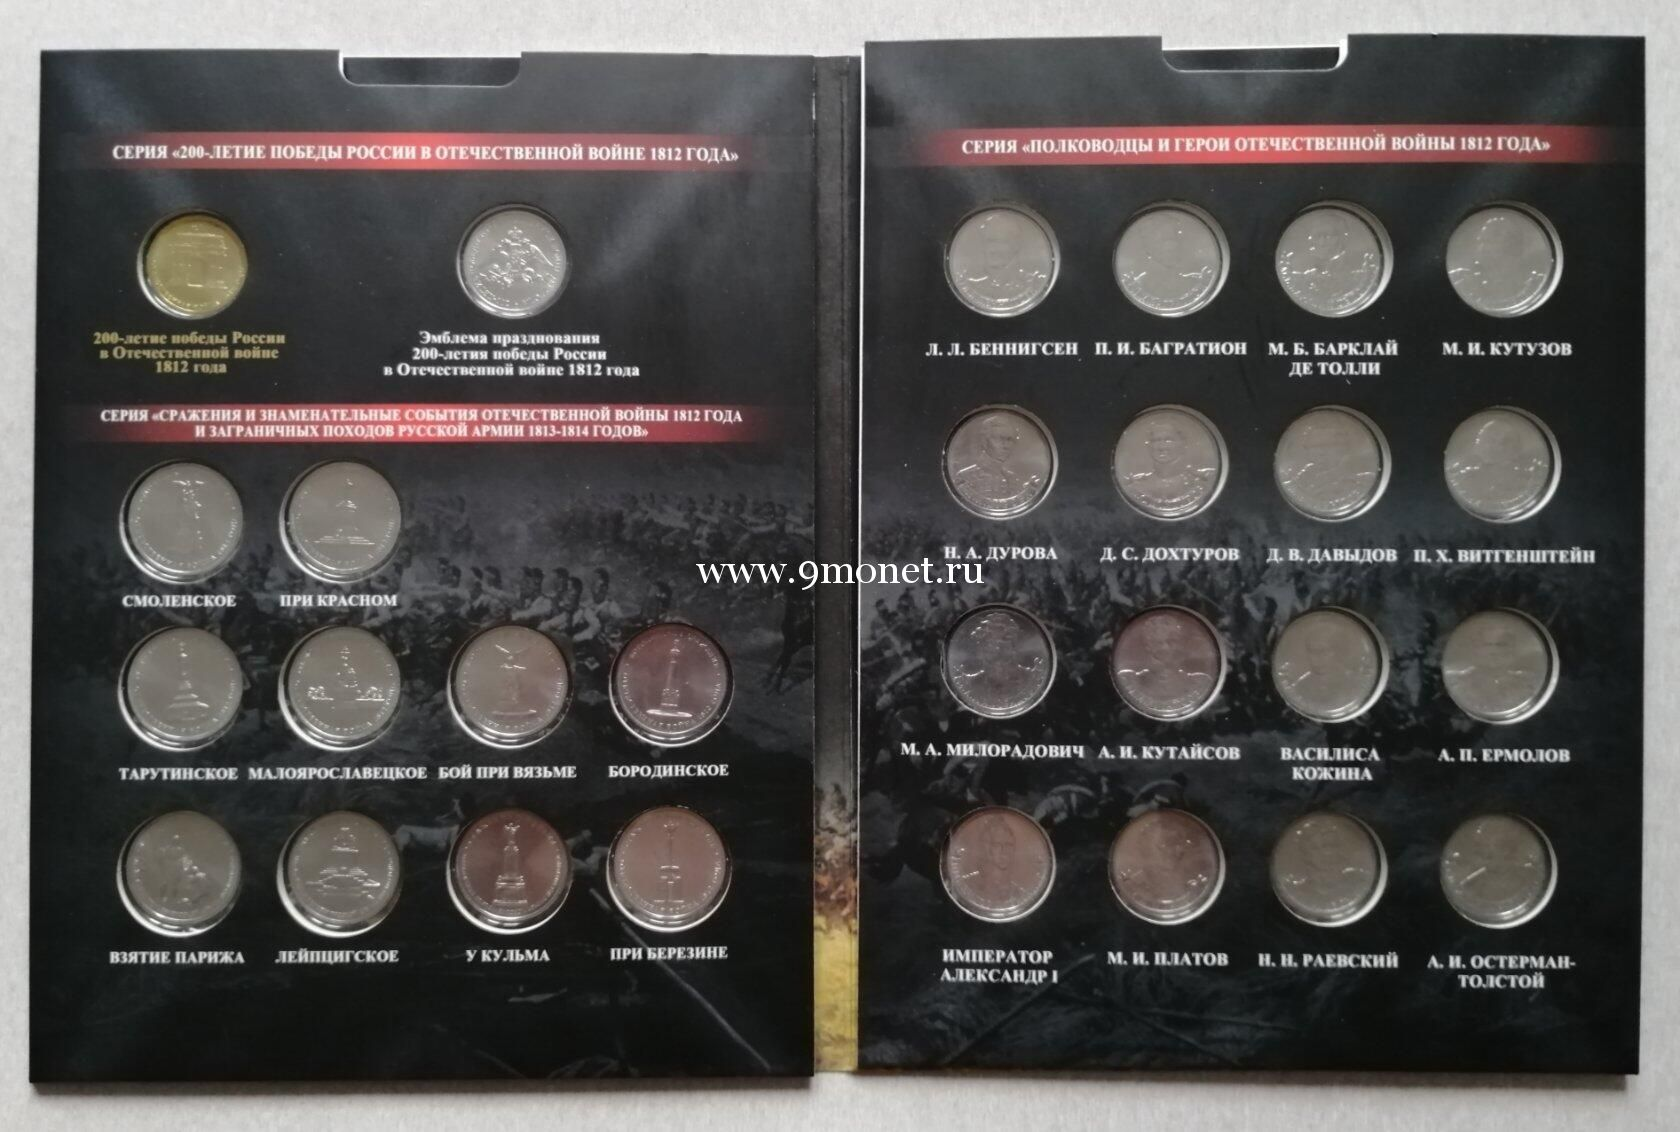 Полный набор монет серии 200-летие победы России в Отечественной войне 1812 года в Подарочном альбоме с книгой.